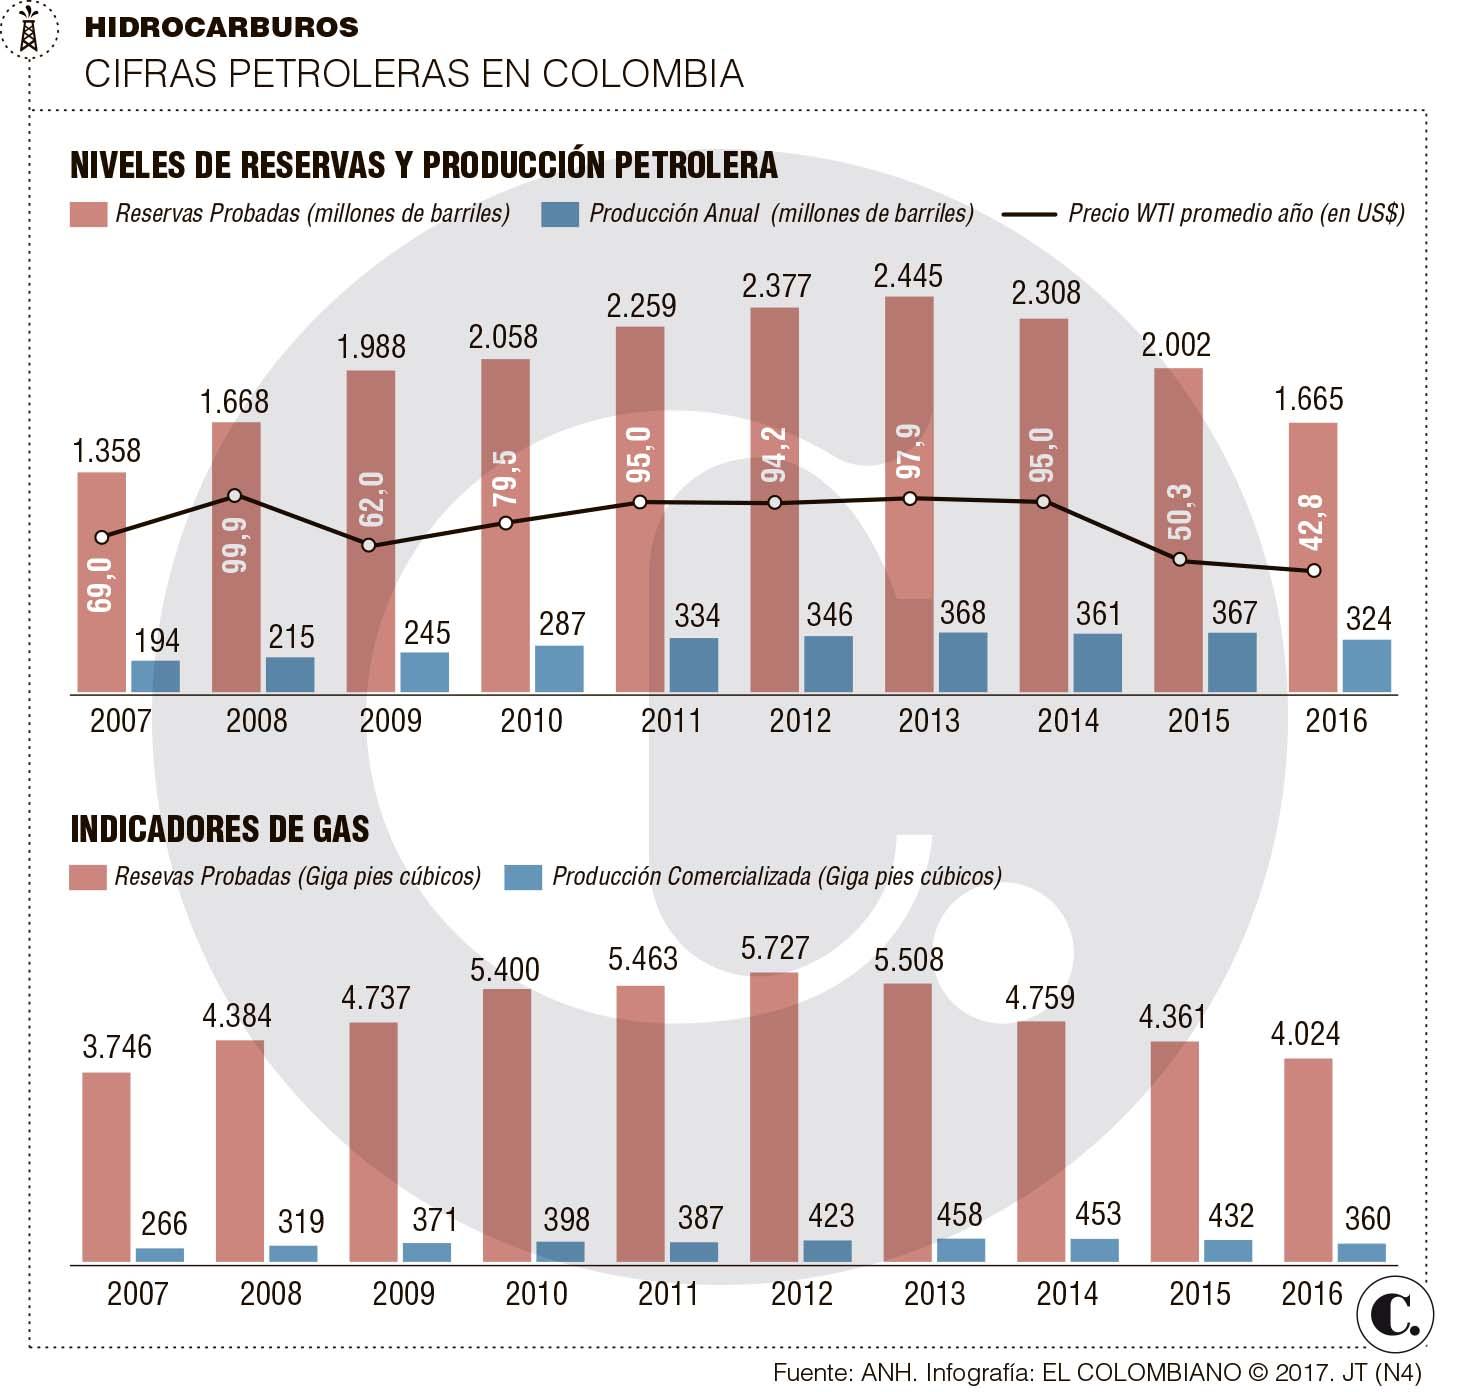 Hidrocarburos: inversiones millonarias